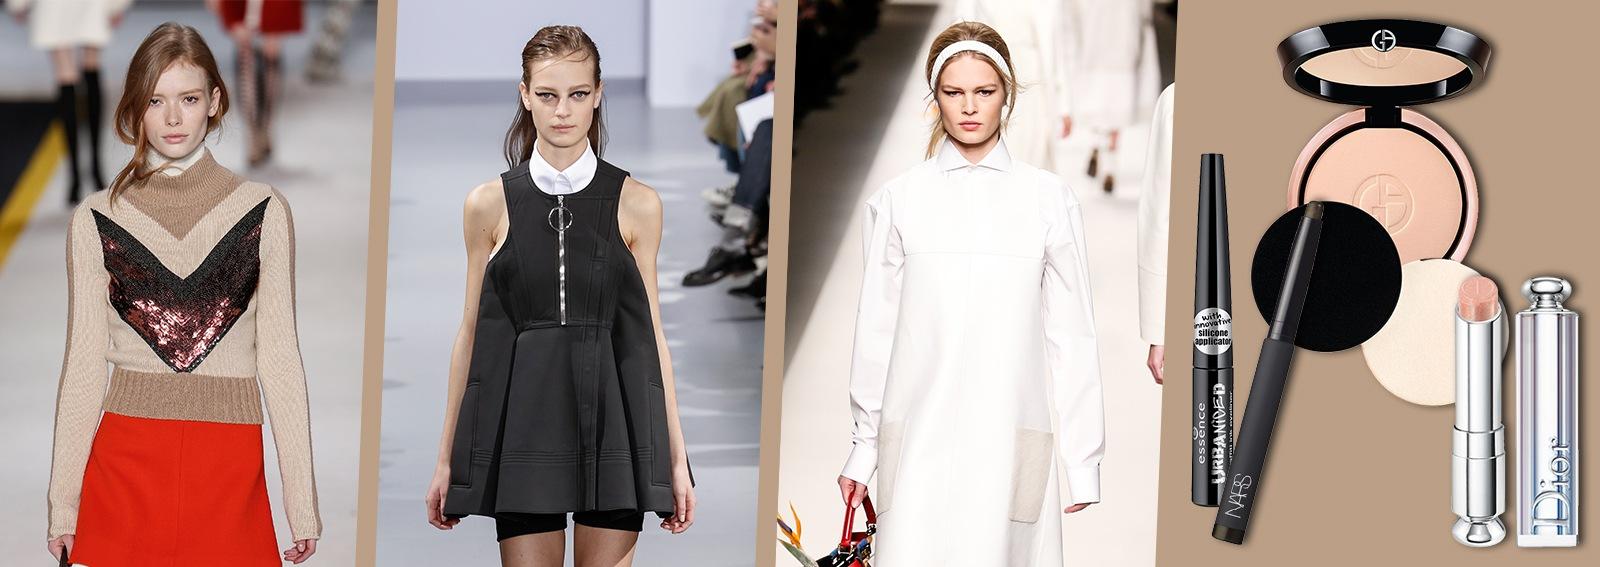 cover beauty and fashion mod ai15